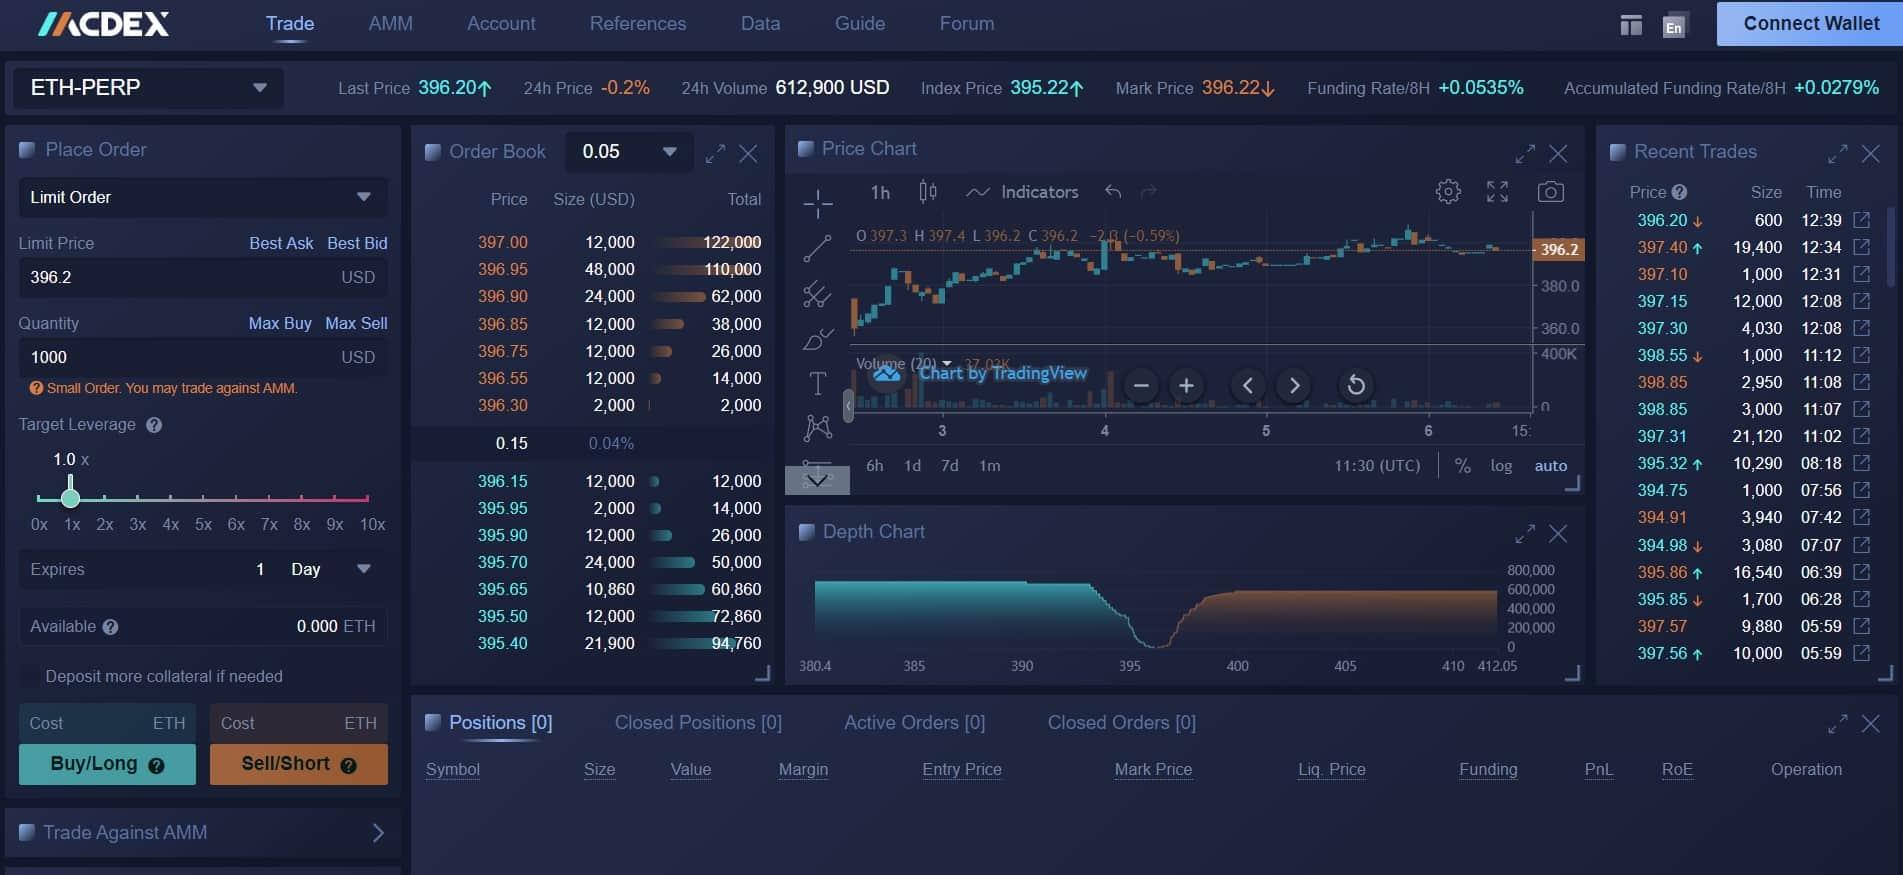 MCDEX Trading Platform